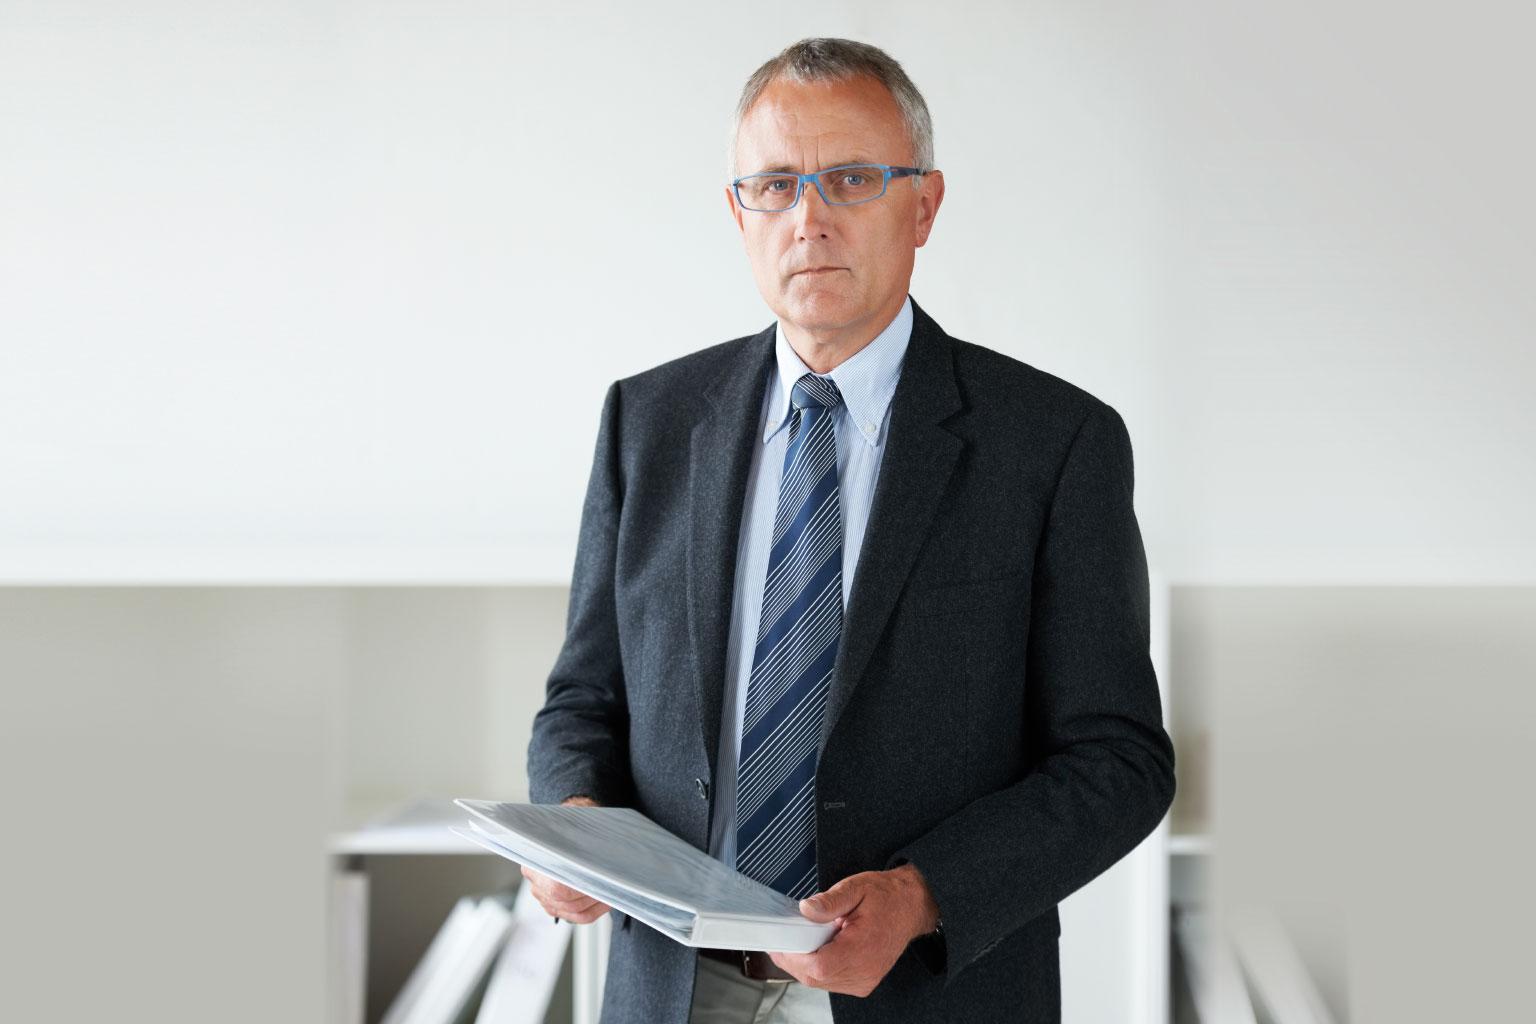 Samorządowiec, który dzięki LEX Kontrola Zarządcza zyskał sprawną pracę całego urzędu